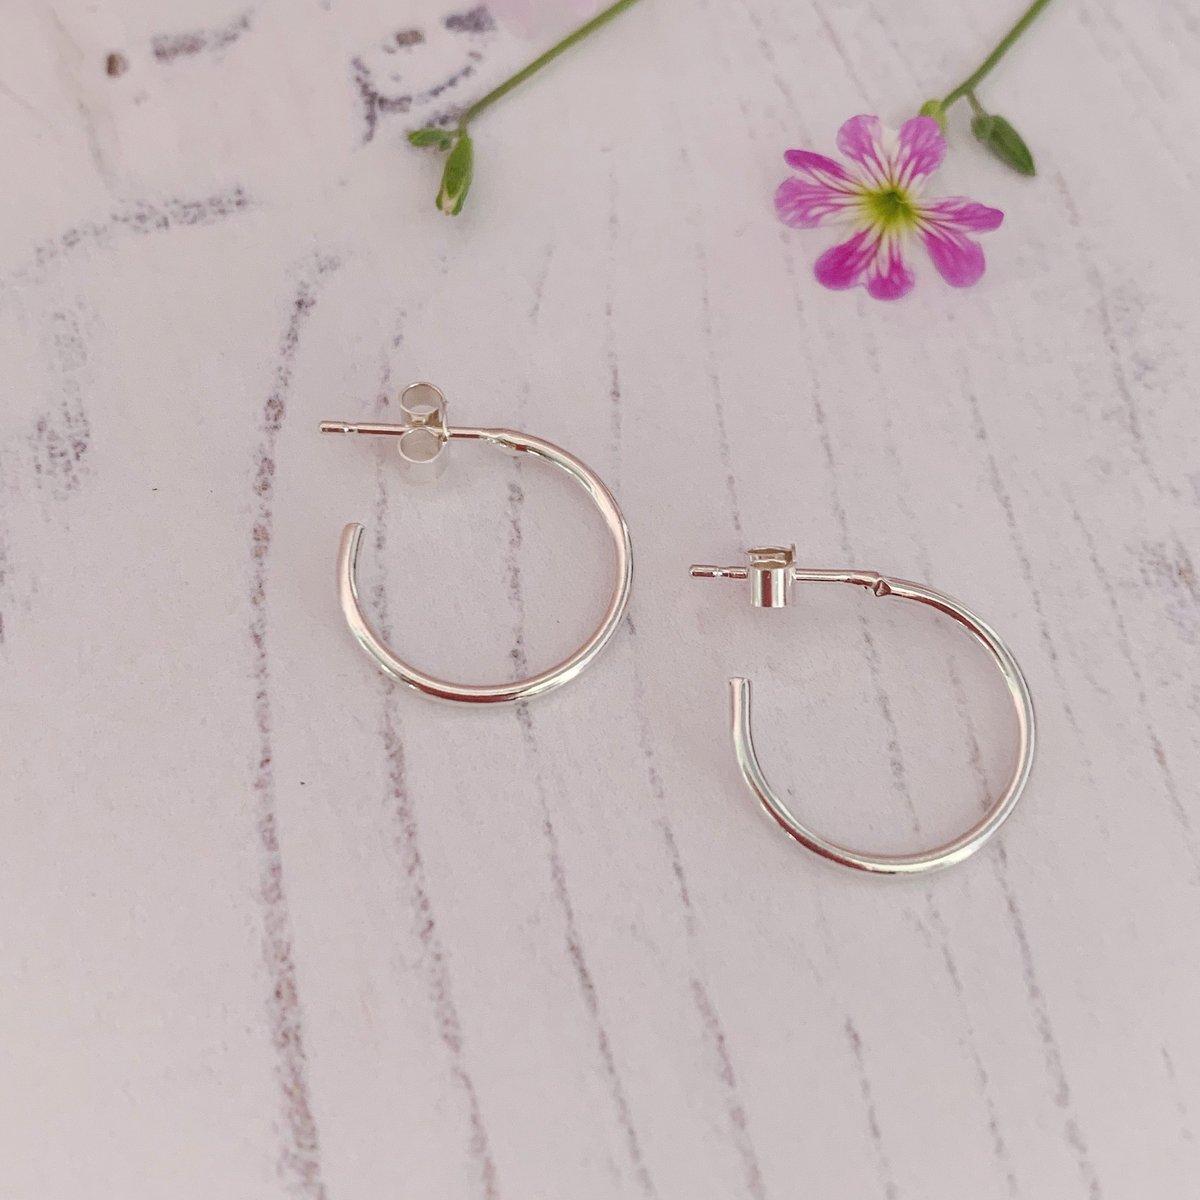 Image of Dainty silver hoop earrings